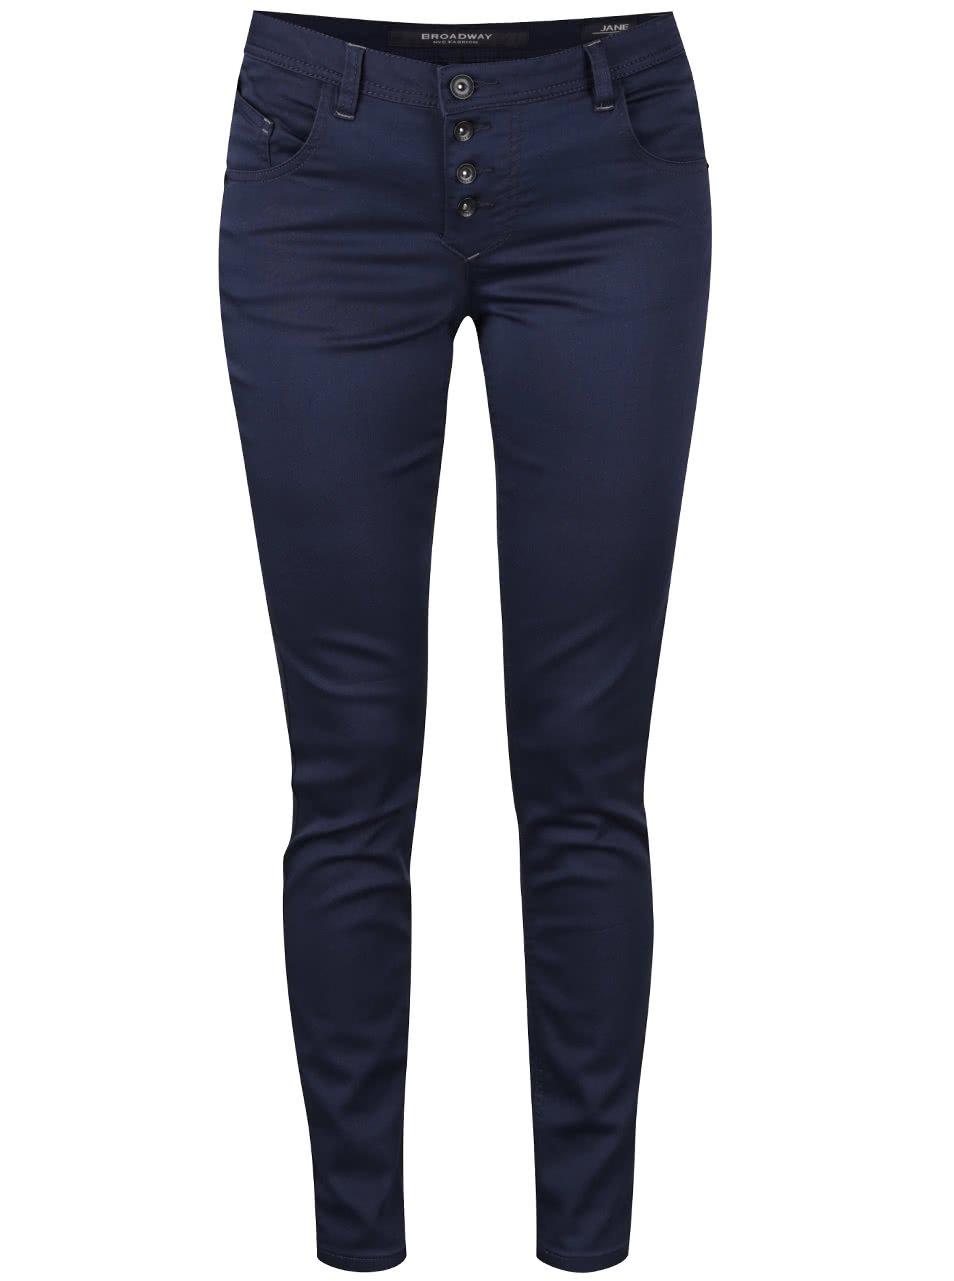 Modré dámské skinny kalhoty se zapínáním na knoflíky Broadway Jane